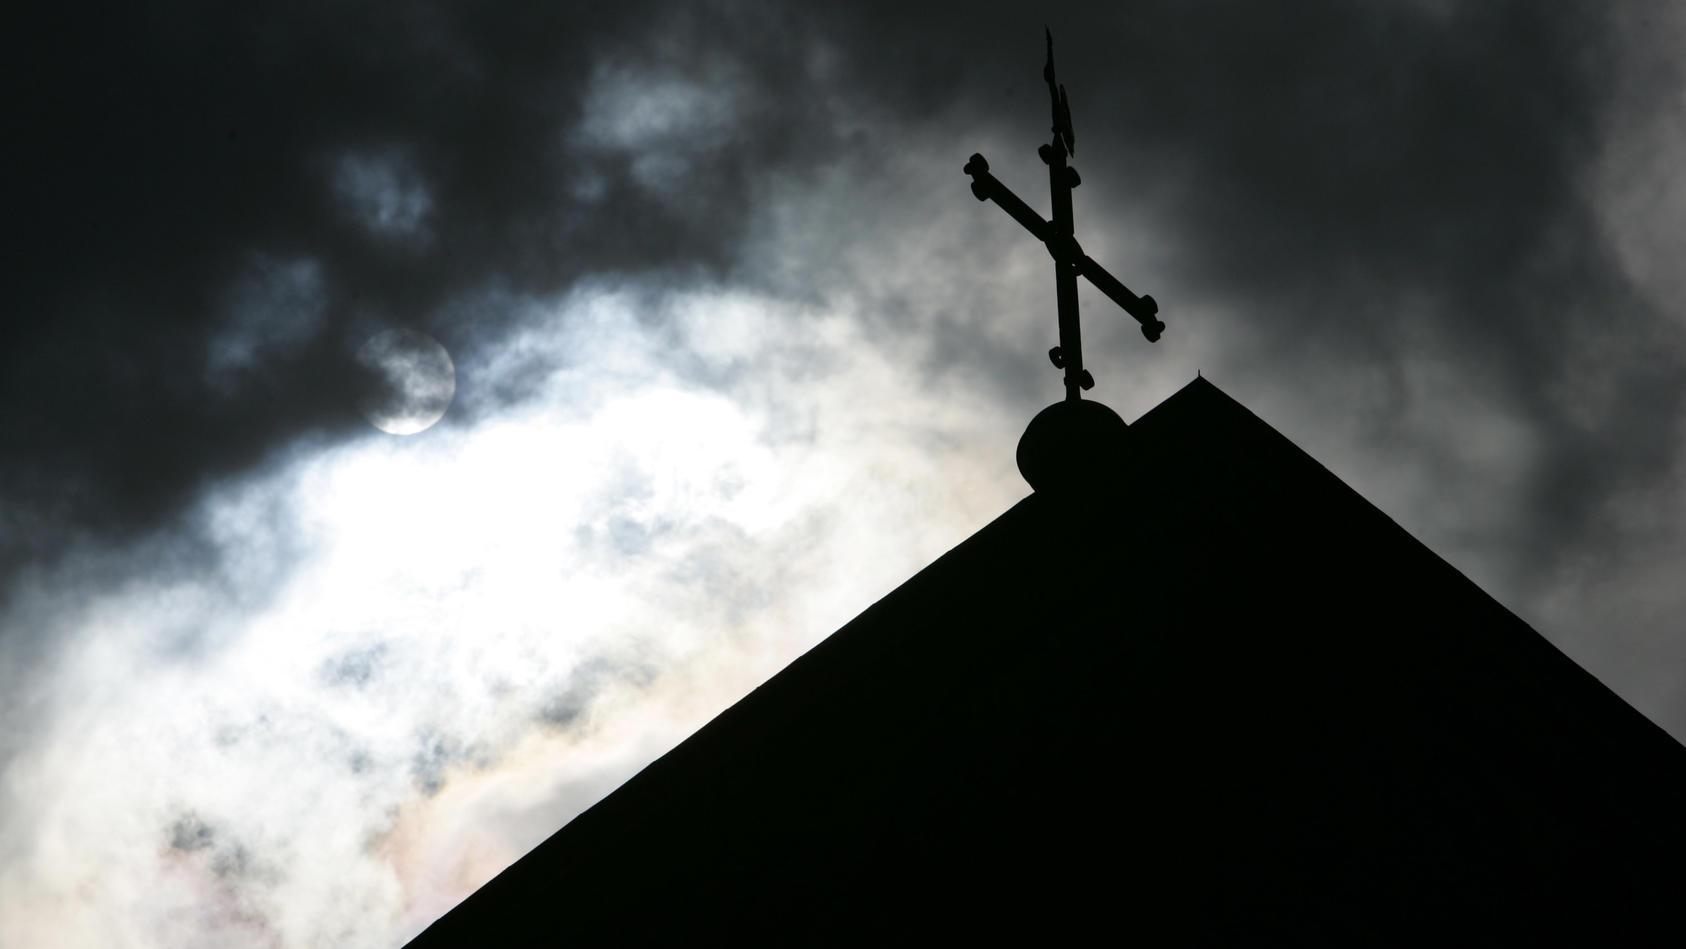 Mitglieder einer bayerischen Pfarreiengemeinschaft haben Unterschriftenaktionen für ihren ehemaligen Priester gestartet (Symbolbild).